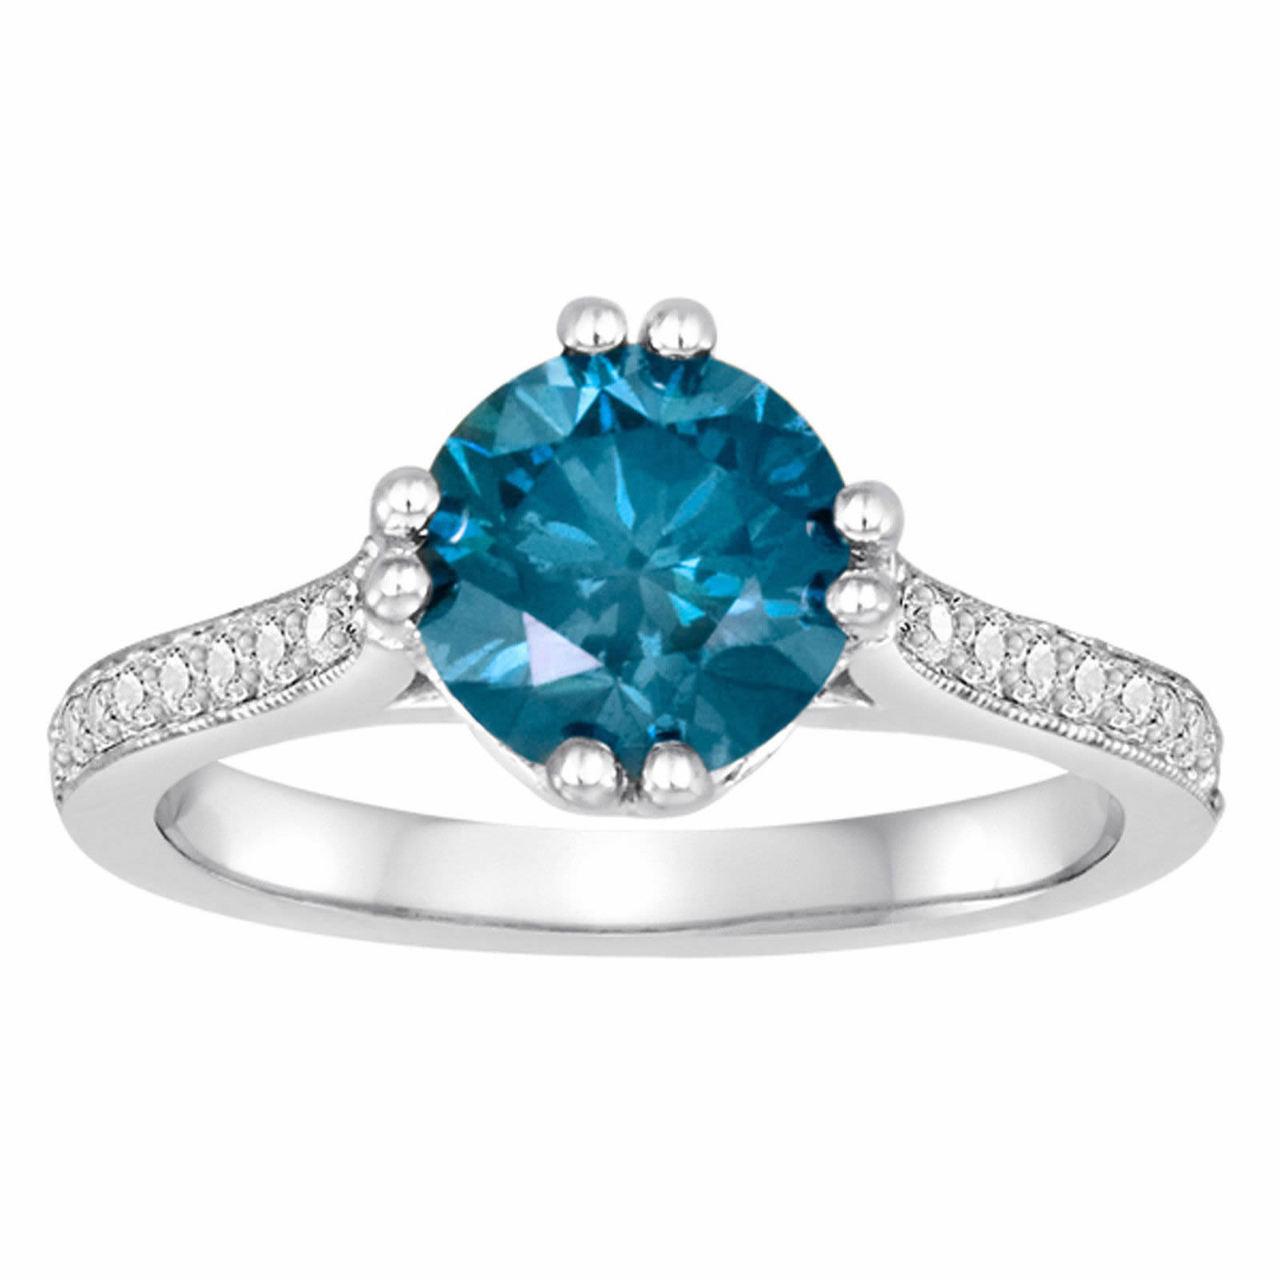 1 85 Carat Blue Diamonds Unique Engagement Ring 14k White